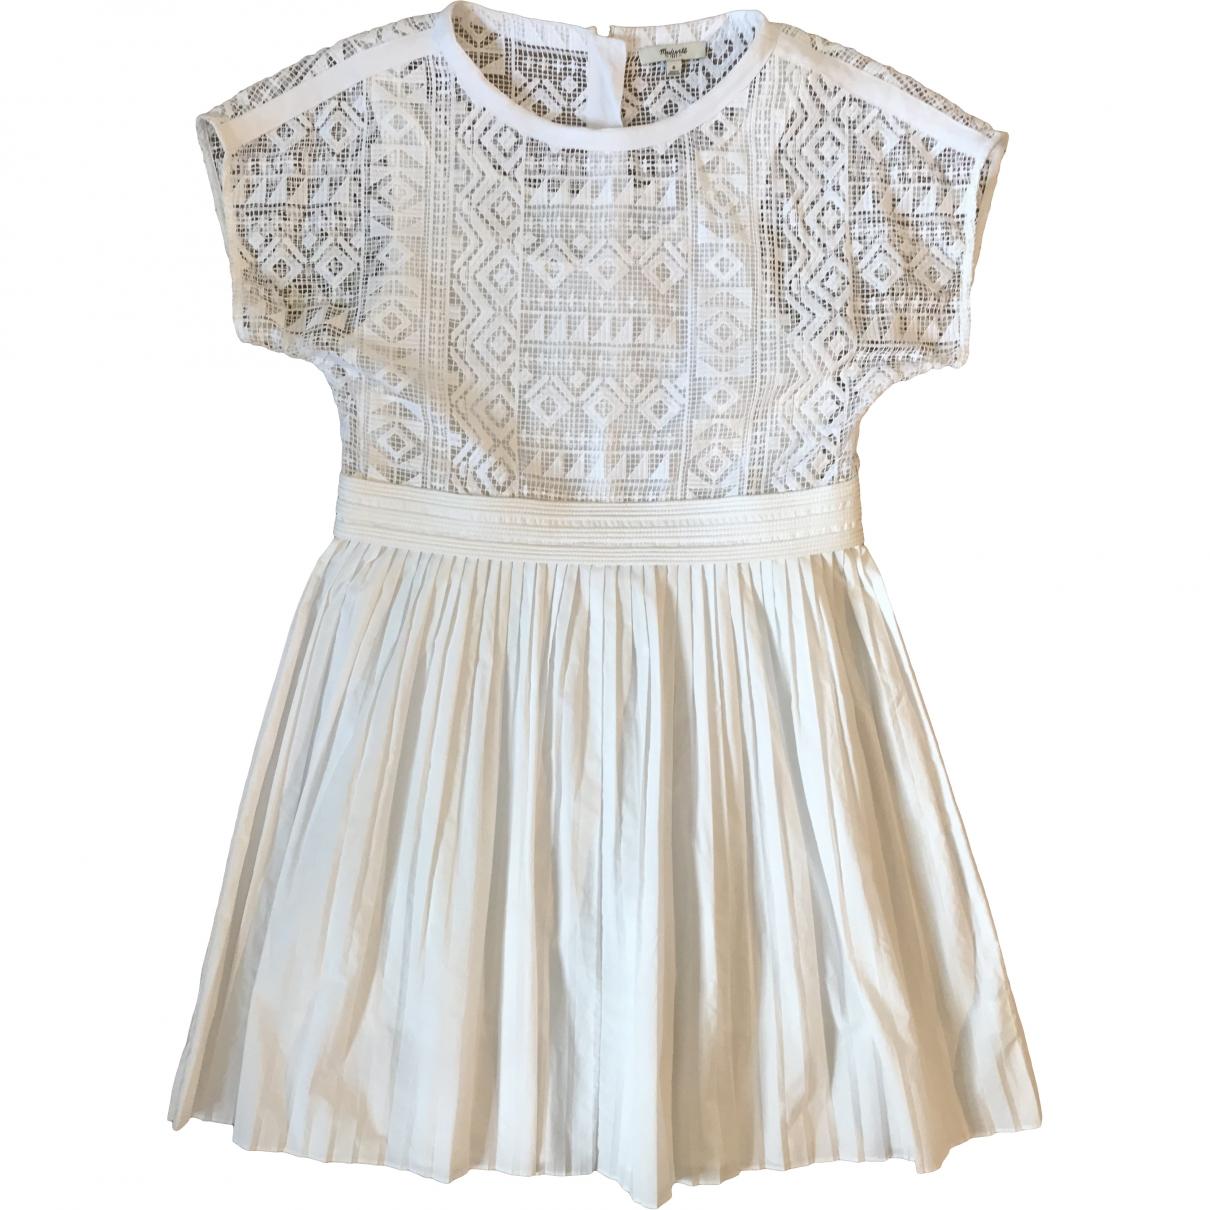 Madewell \N White Cotton dress for Women 10 UK